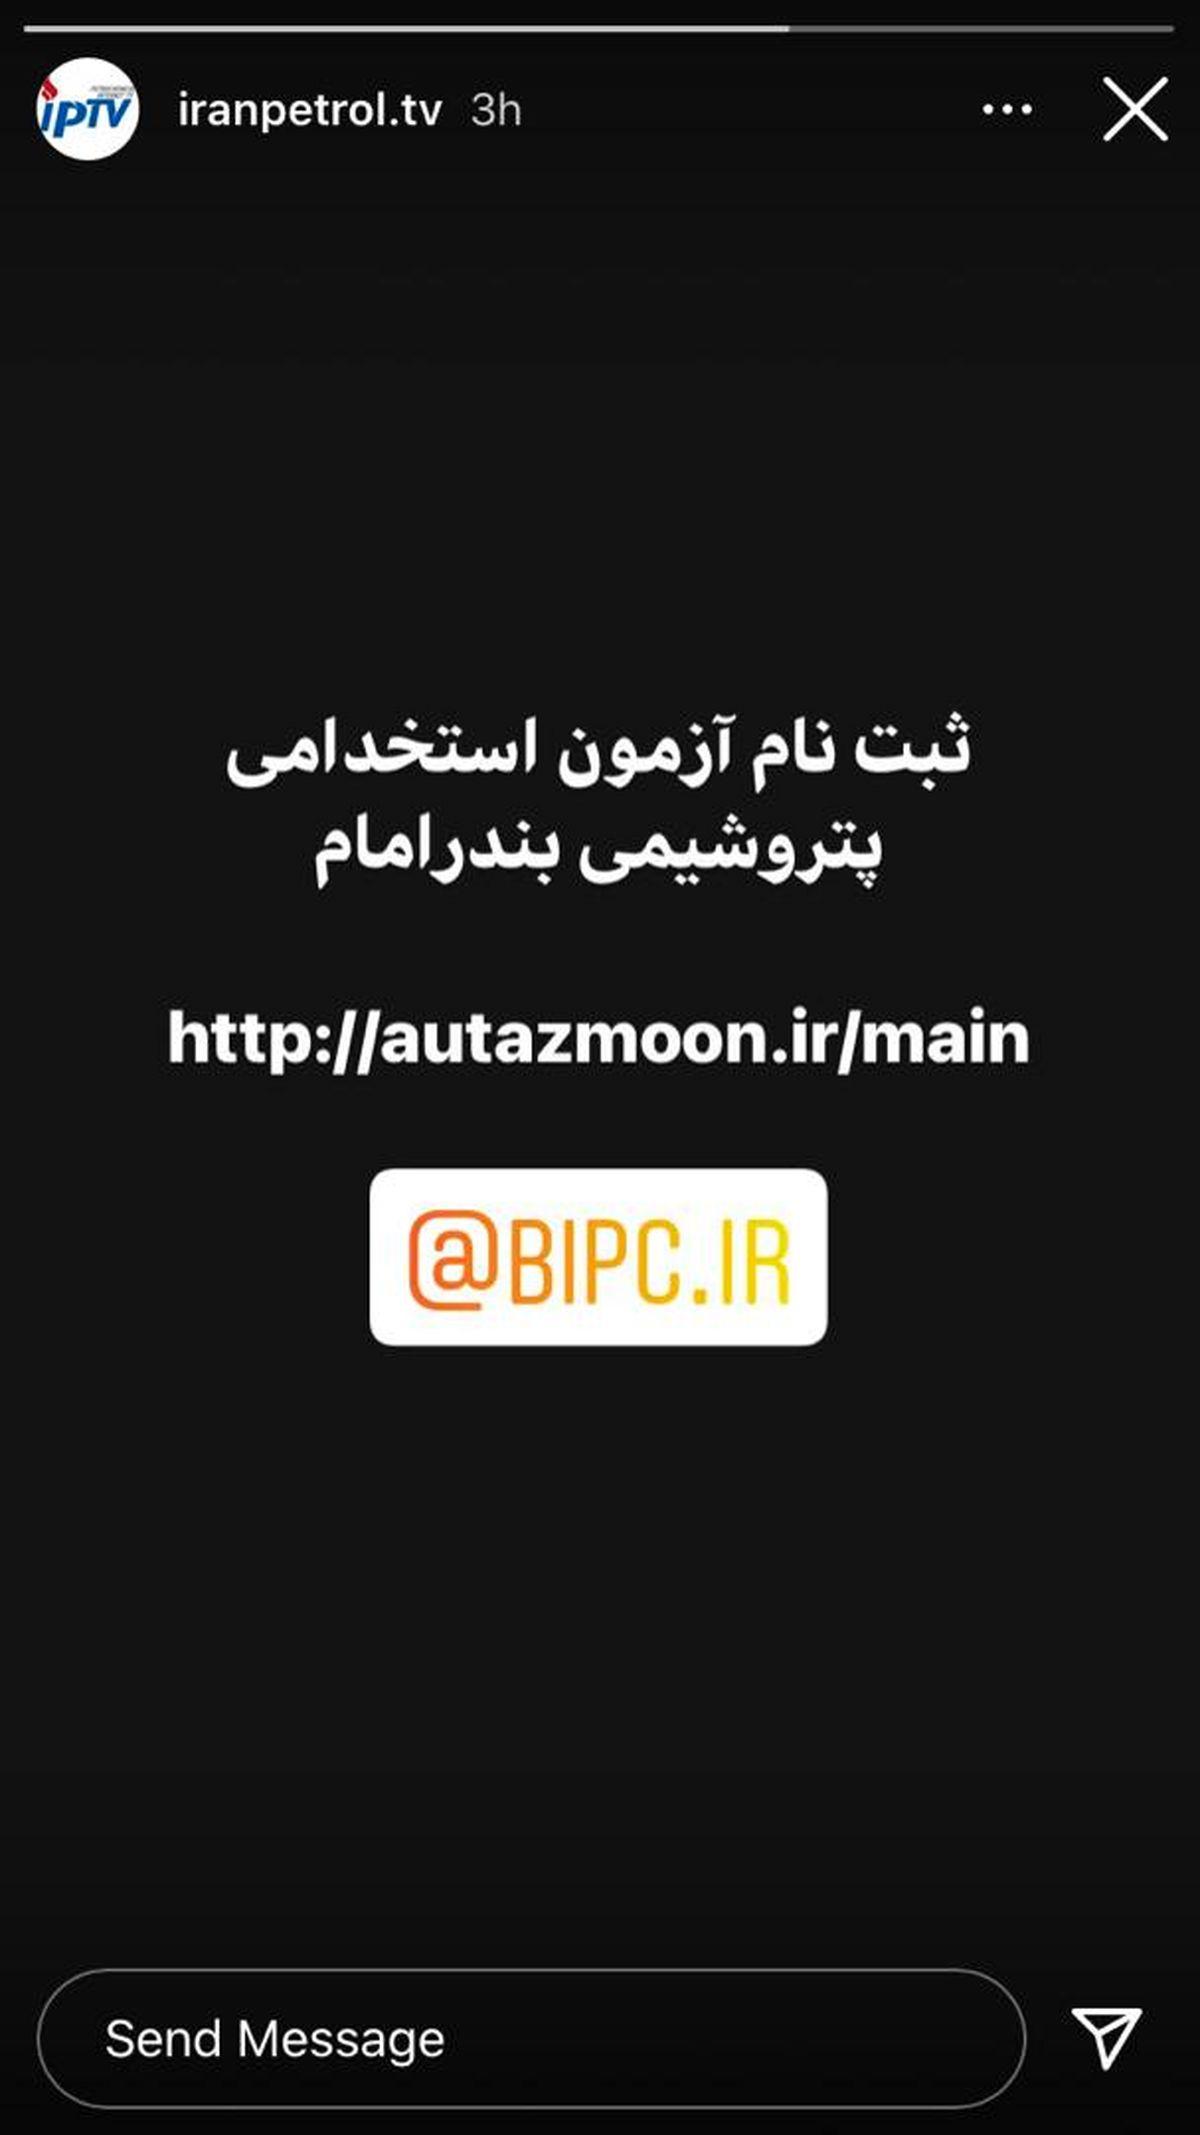 دفترچه آزمون استخدامی پتروشیمی بندر امام منتشر شد